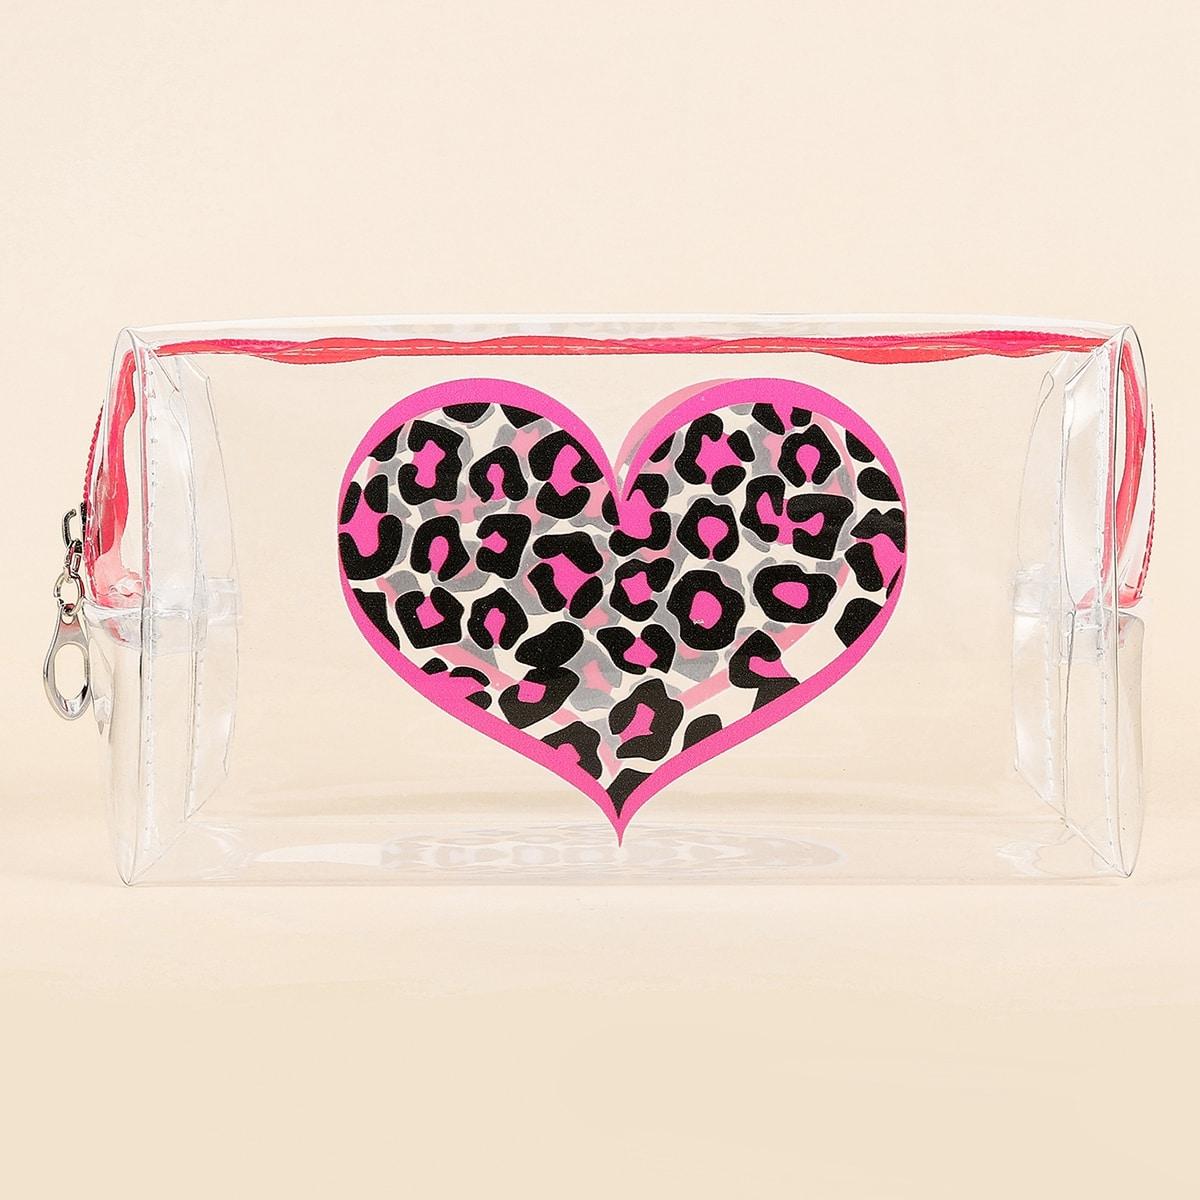 Прозрачная квадратная косметичка с принтом сердечка